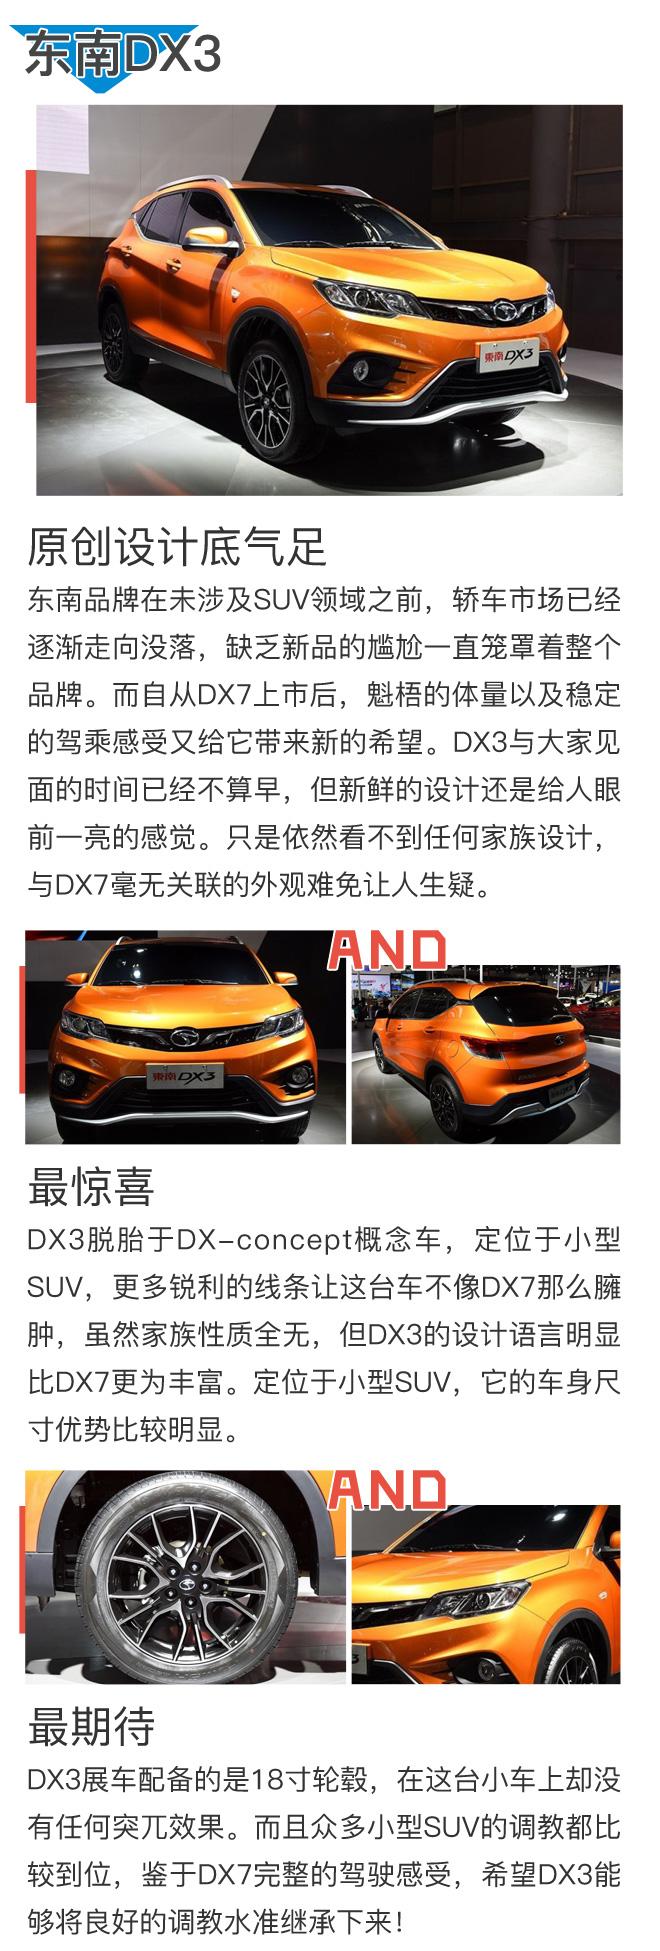 SUV控:最令人期待的几台SUV 快快上市